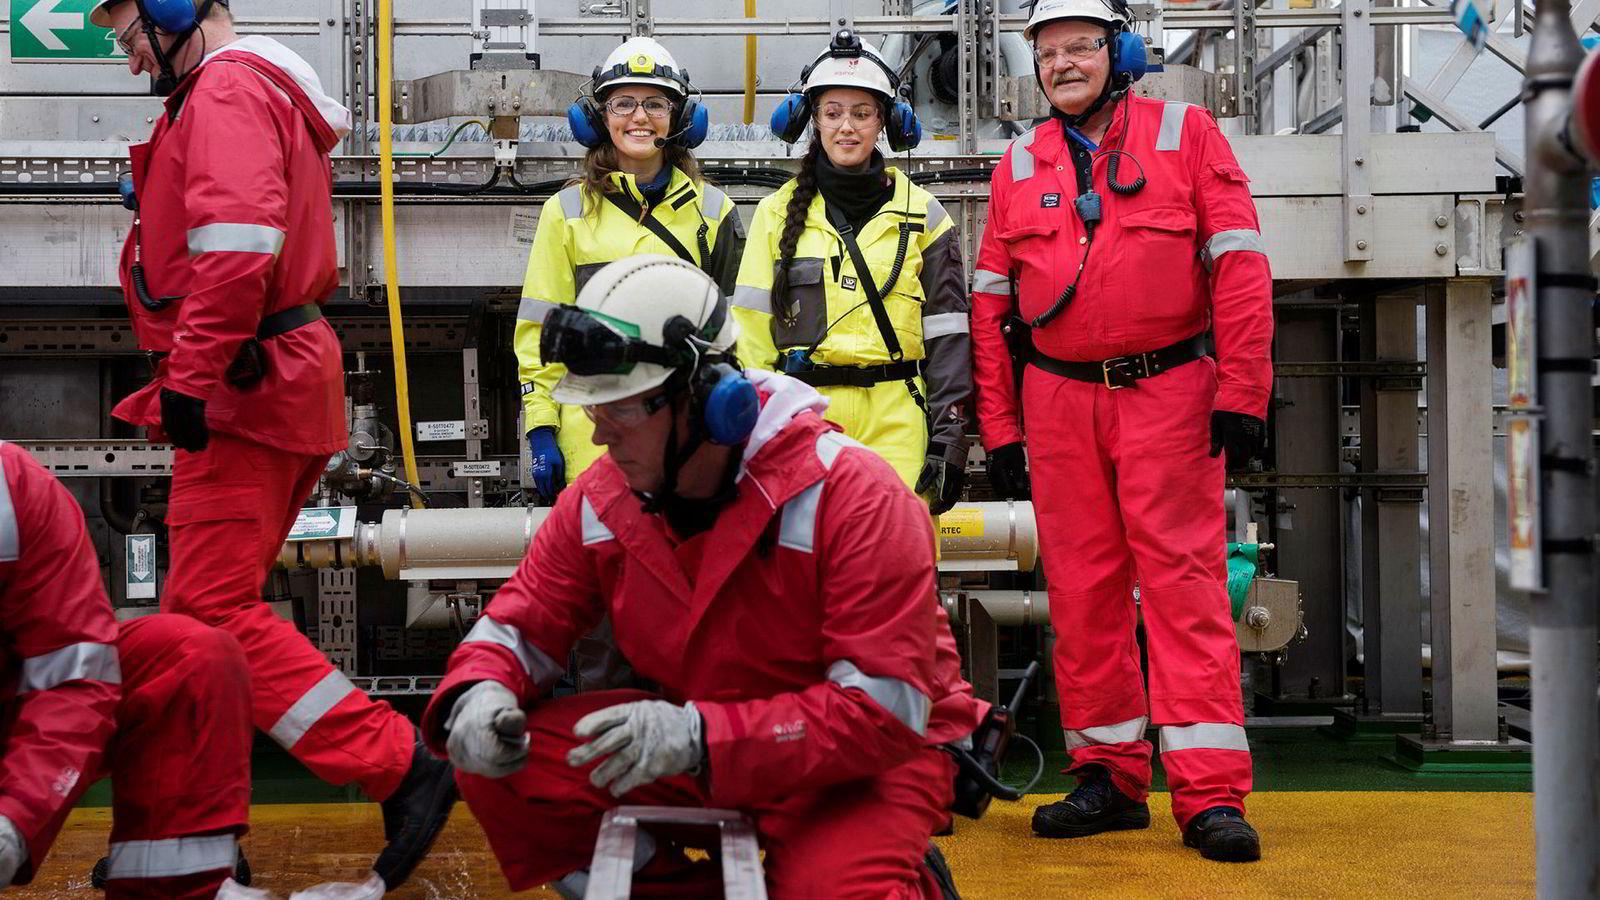 Nora Gjelsvik og Kristine Hagervik Brattøy (bak) er nyansatte i Equinor, og følger nå oppferdigstillelsen av Johan Sverdrup-plattformene. Til høyre oljeveteran Arvid Beglum fra Aker, med 45 år bak seg i industrien.